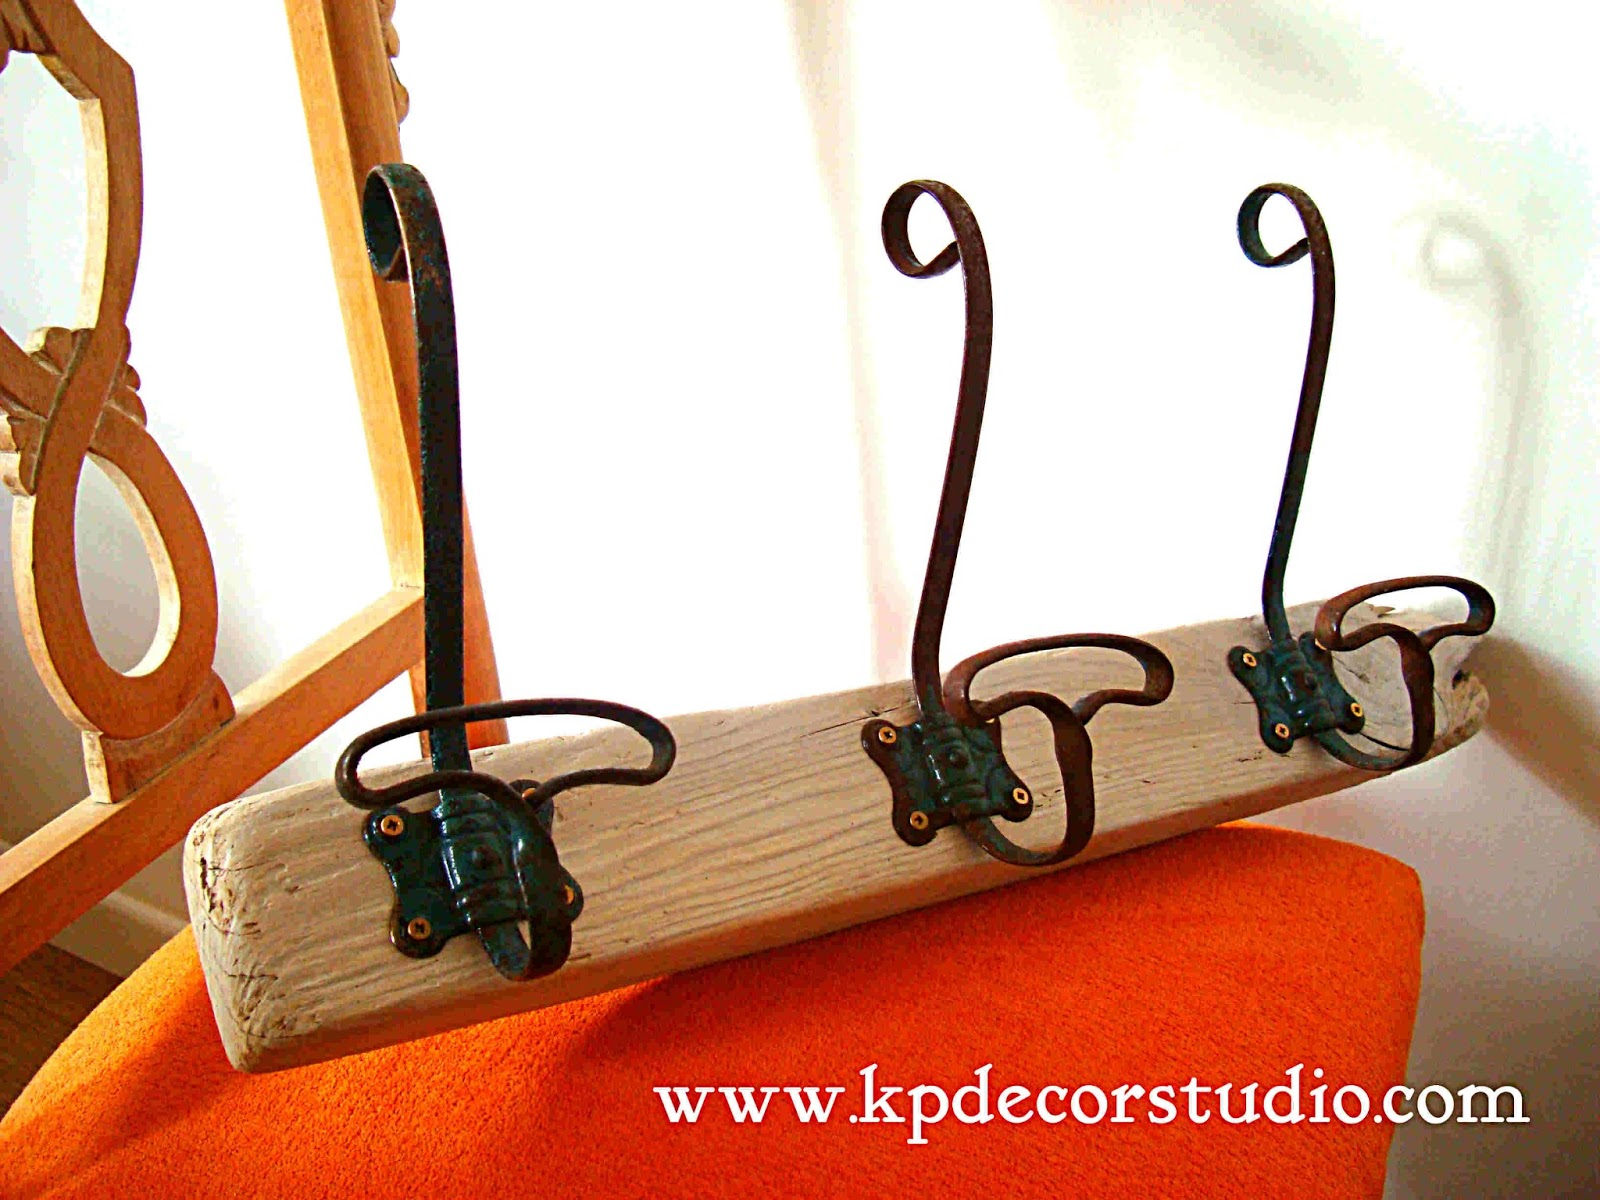 Kp tienda vintage online perchero artesanal de madera con - Perchero original pared ...